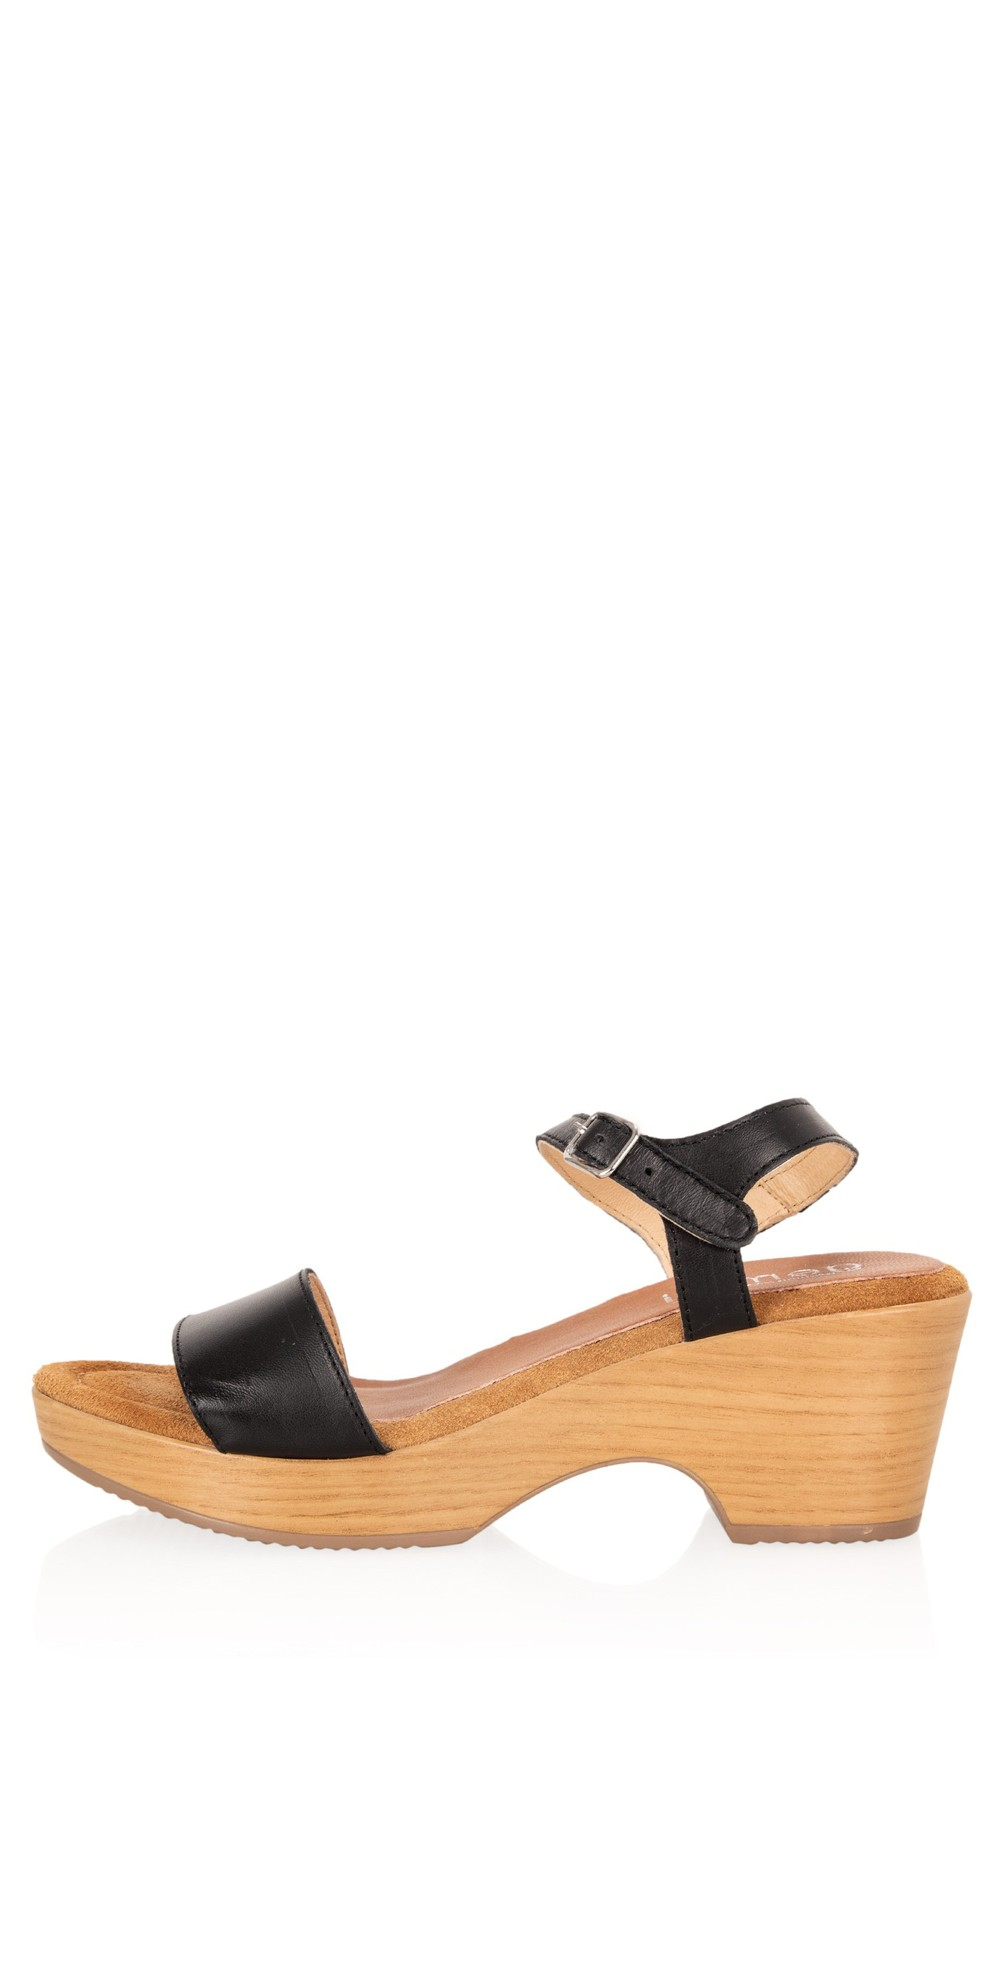 Aneka Icon Black Leather Wedge Sandal main image